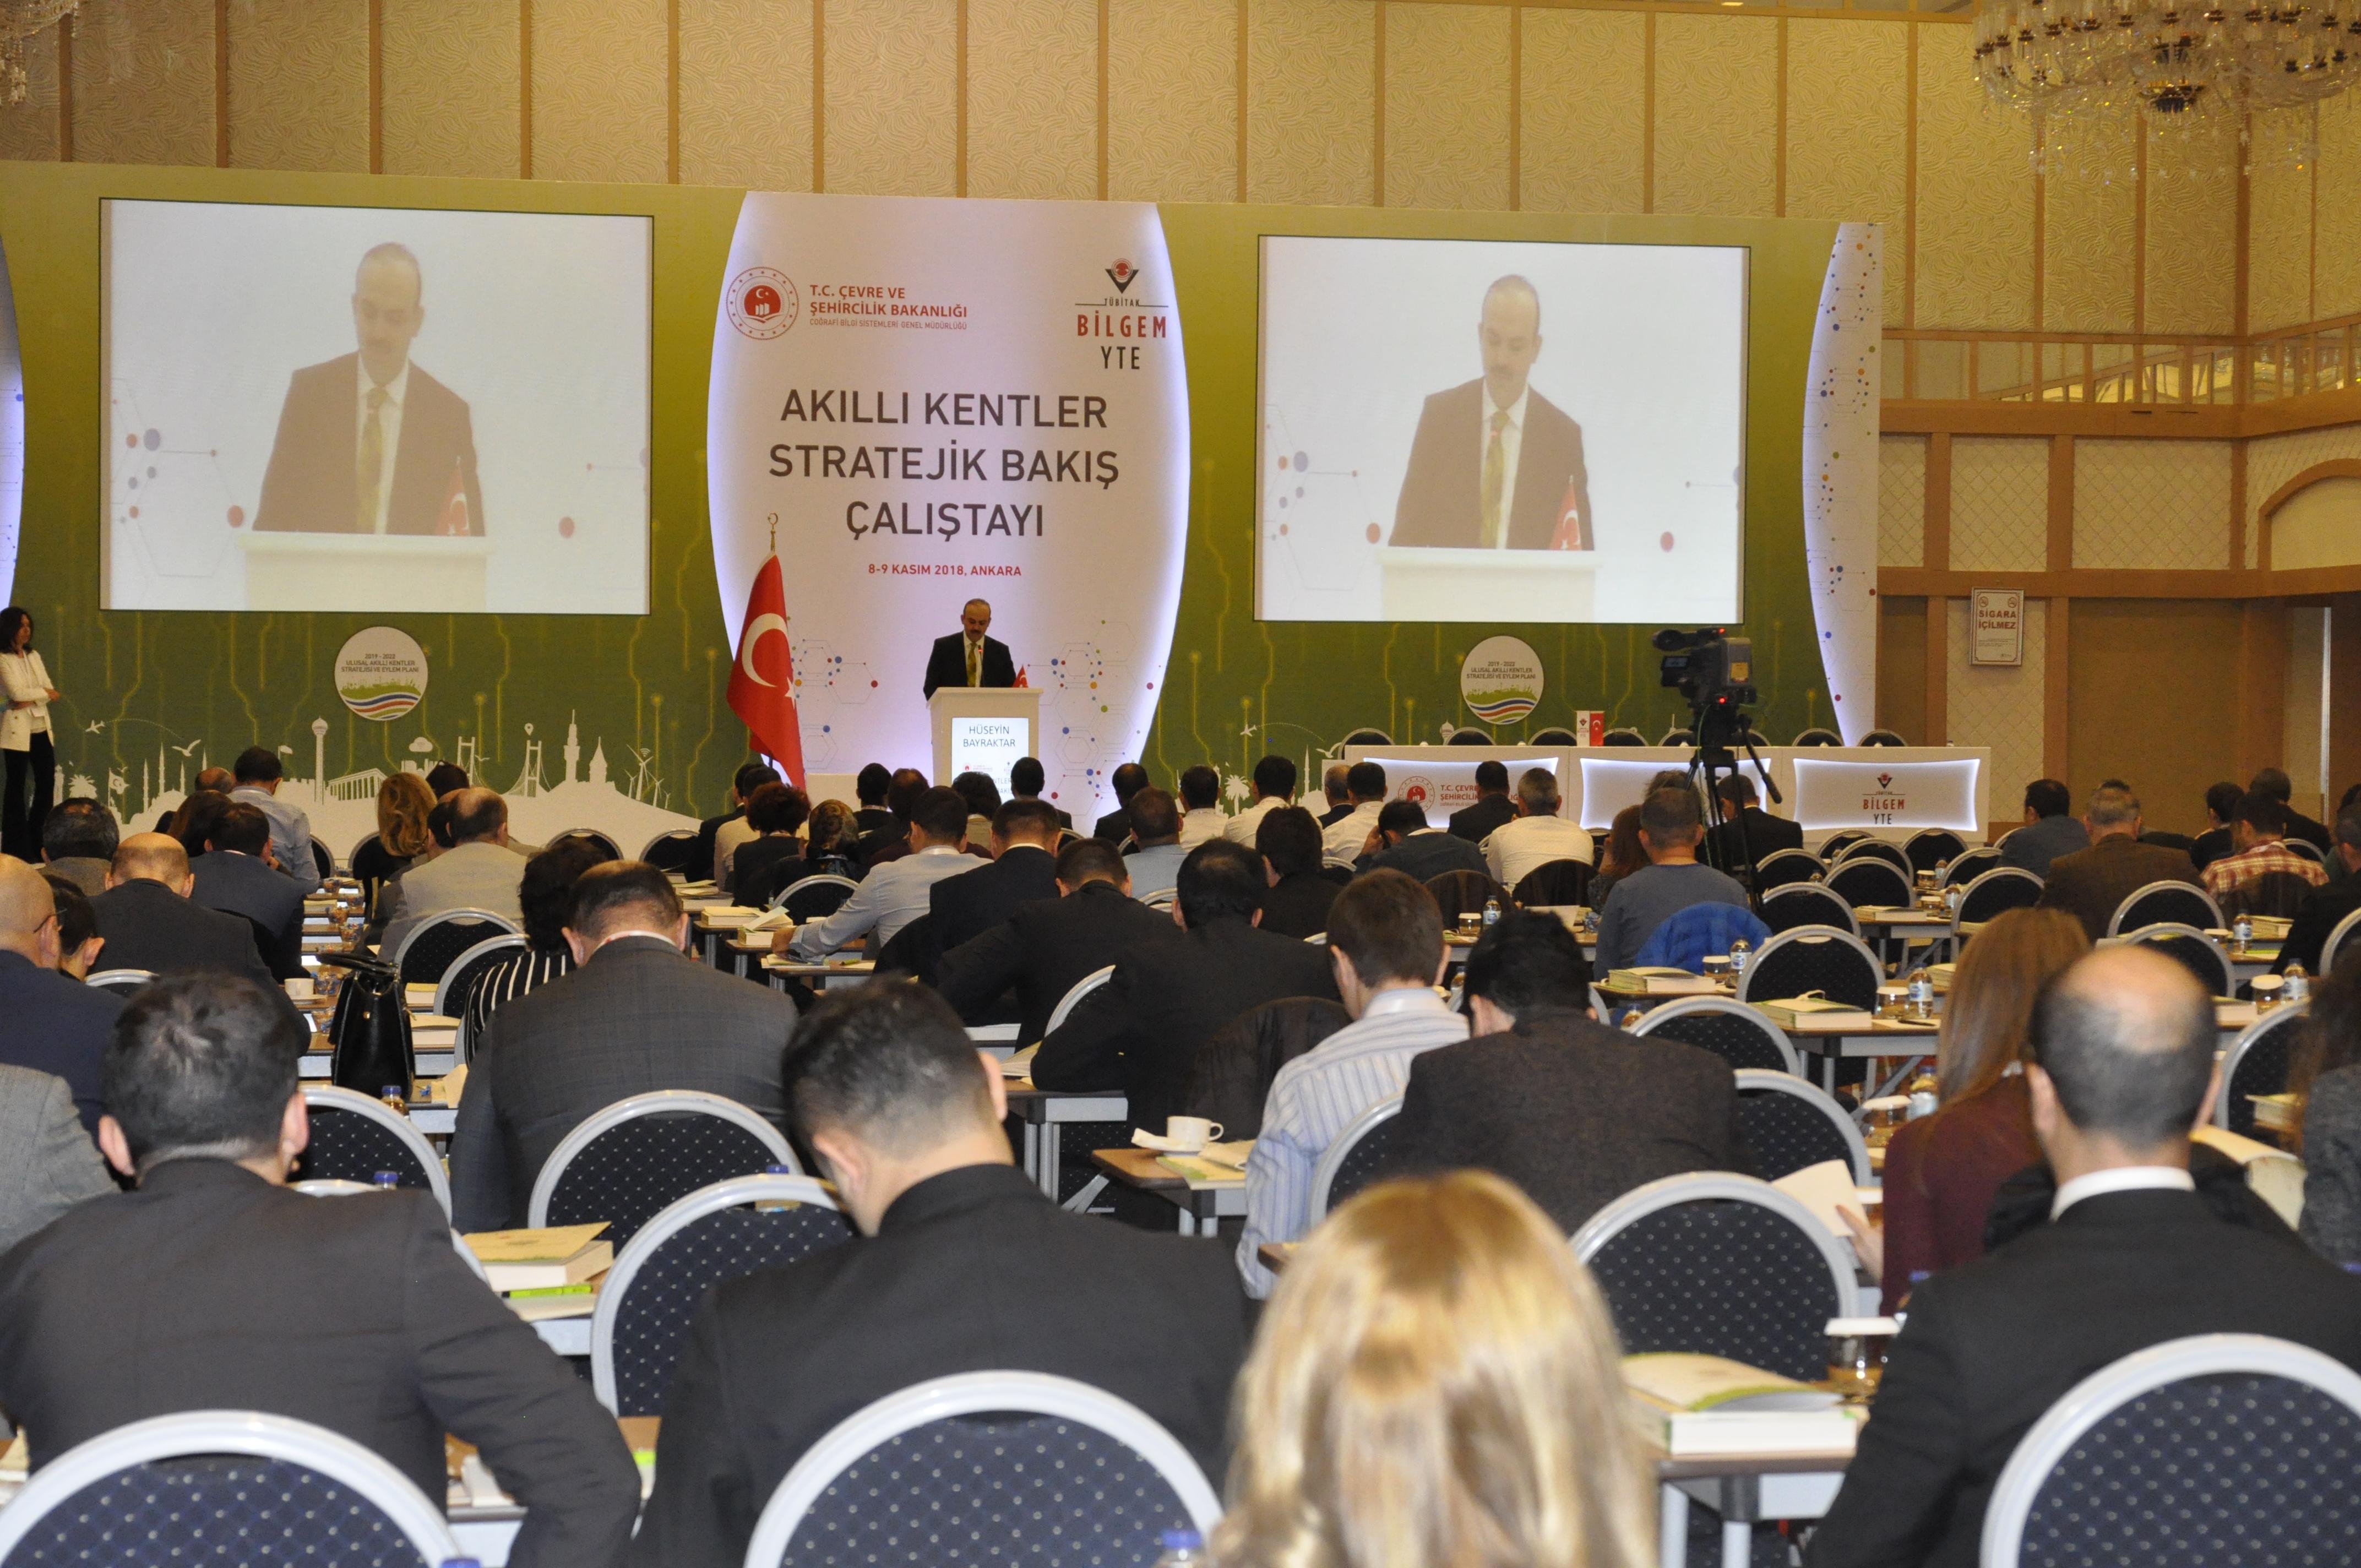 Akıllı Kentler Stratejik Bakış Çalıştayı Düzenlendi.